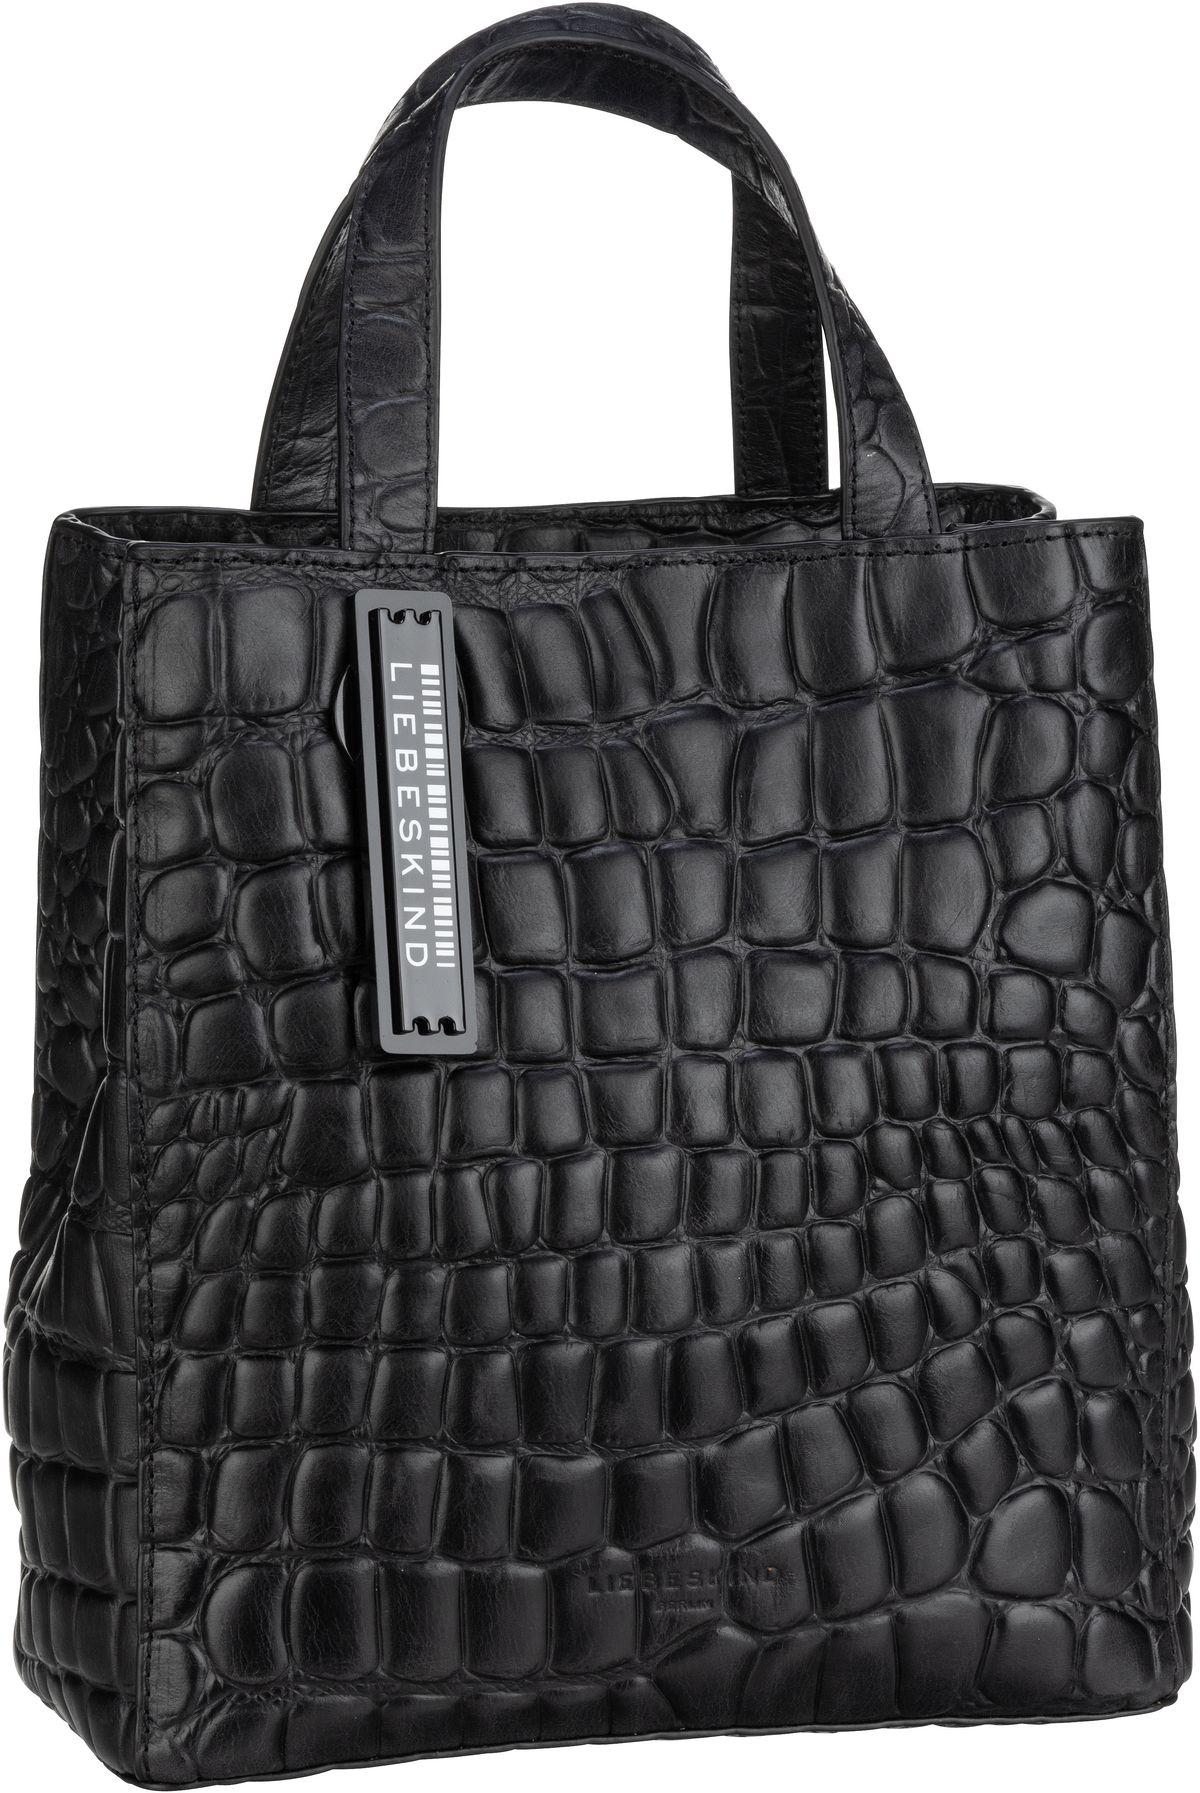 Berlin Handtasche Paperbag S20 Waxy Croco Black